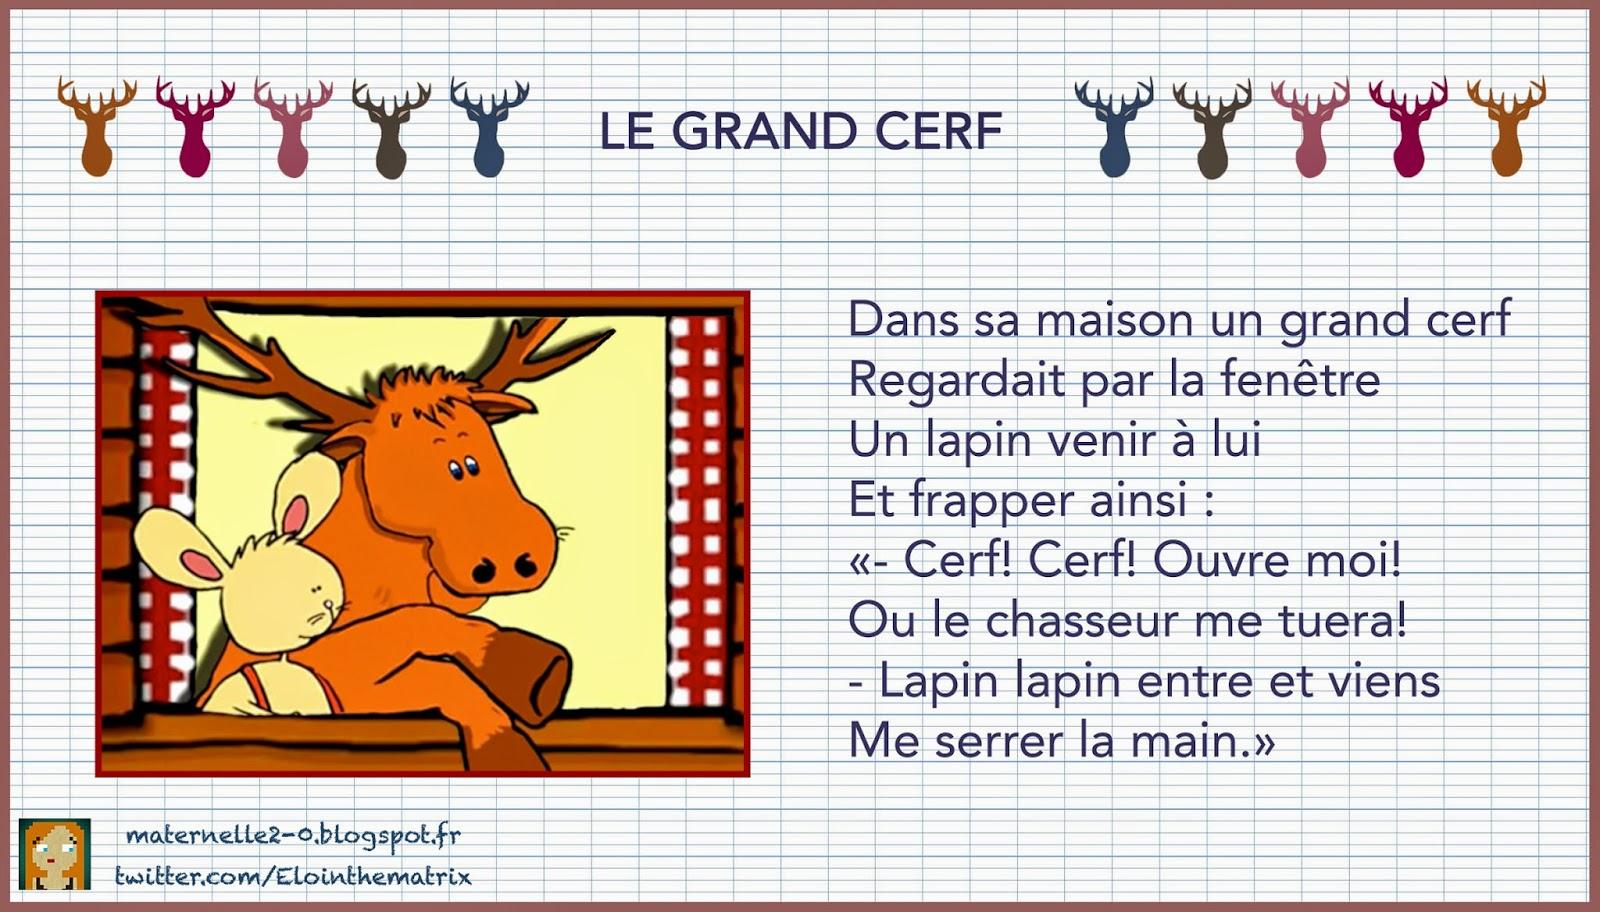 Le grand cerf for A la fenetre sarthoise